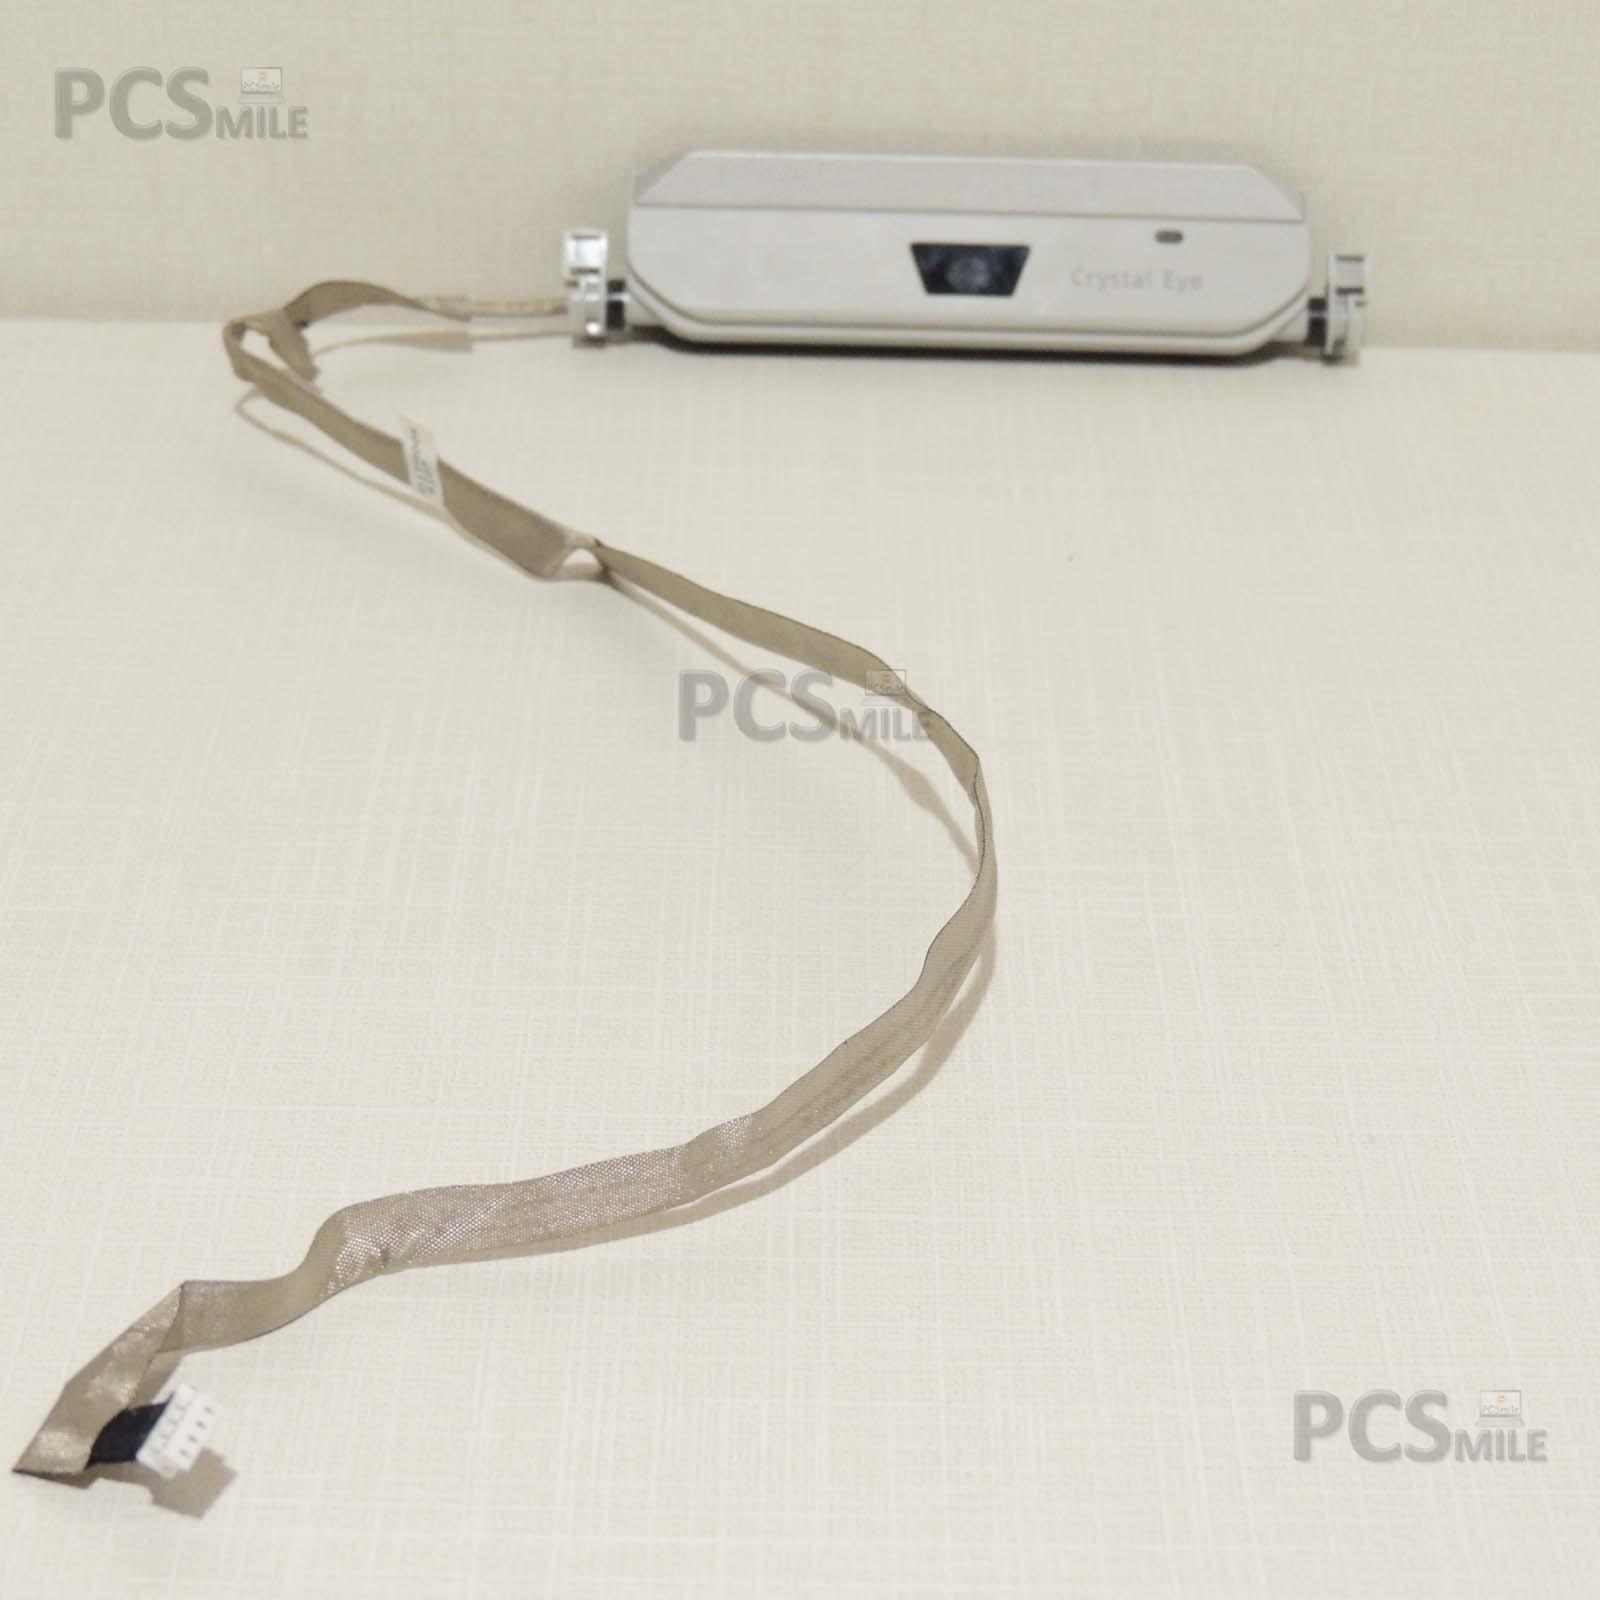 Acer Aspire 5920G WEBCAM originale con cavo DD0ZD1TH004 camera